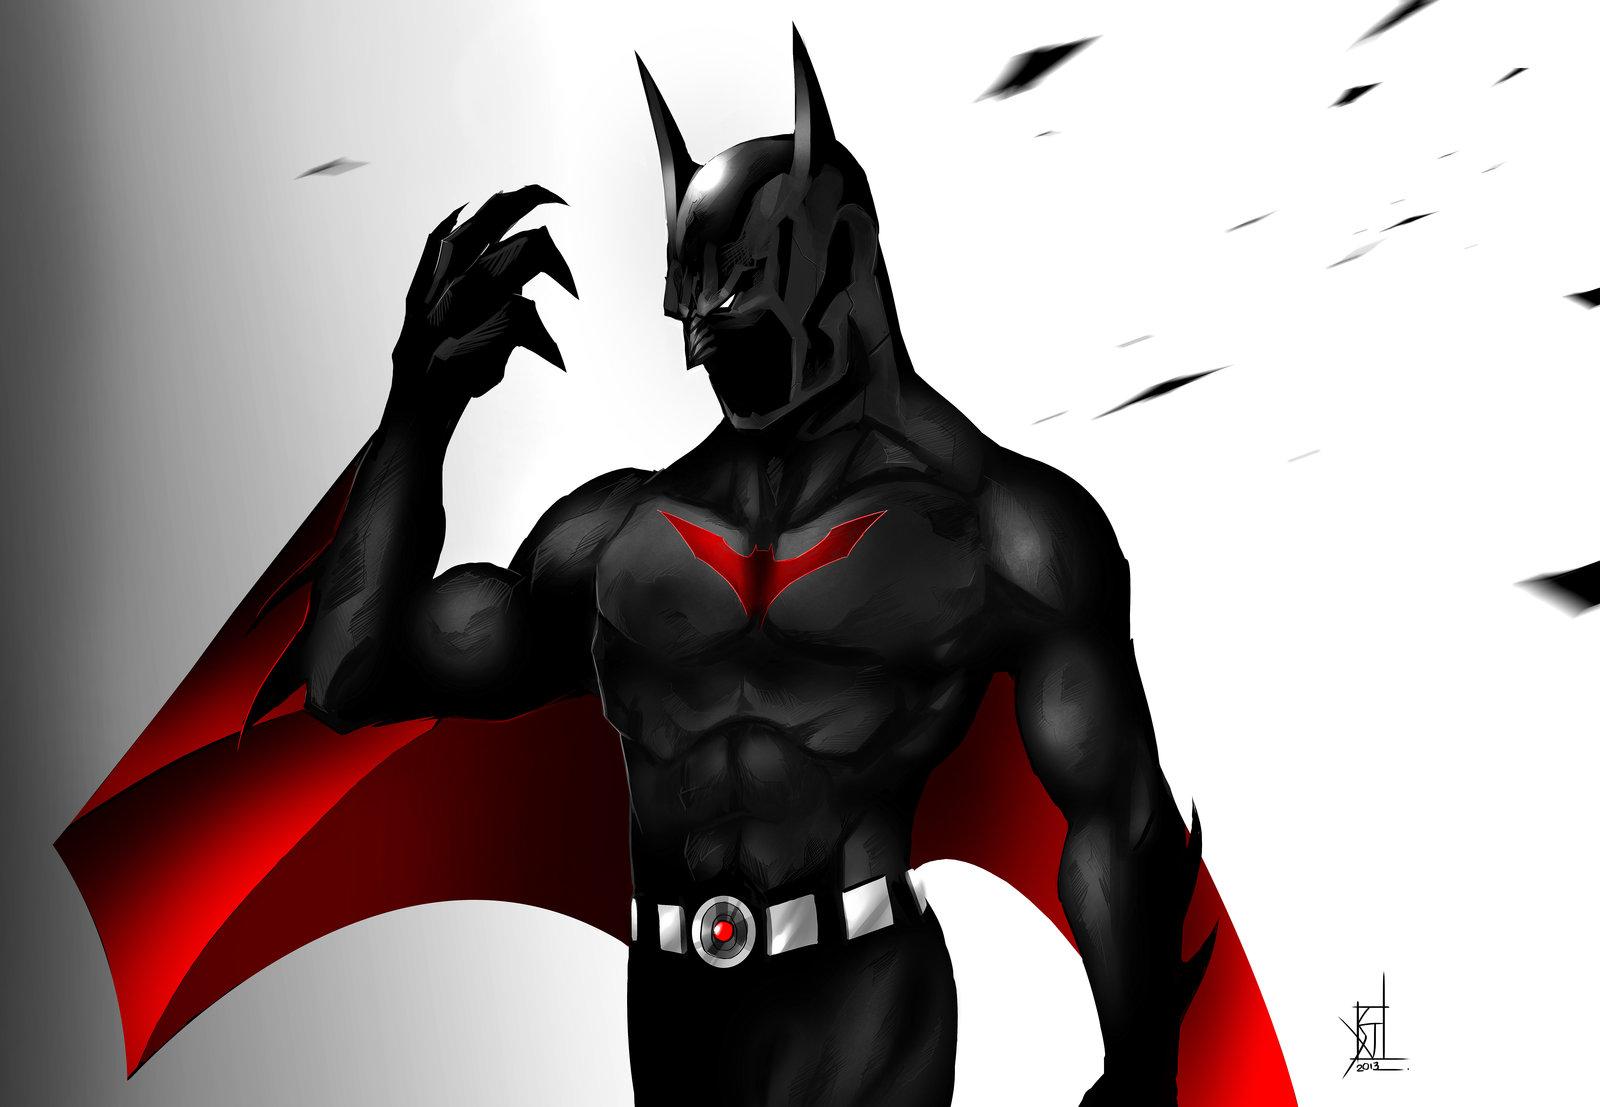 batman - photo#13